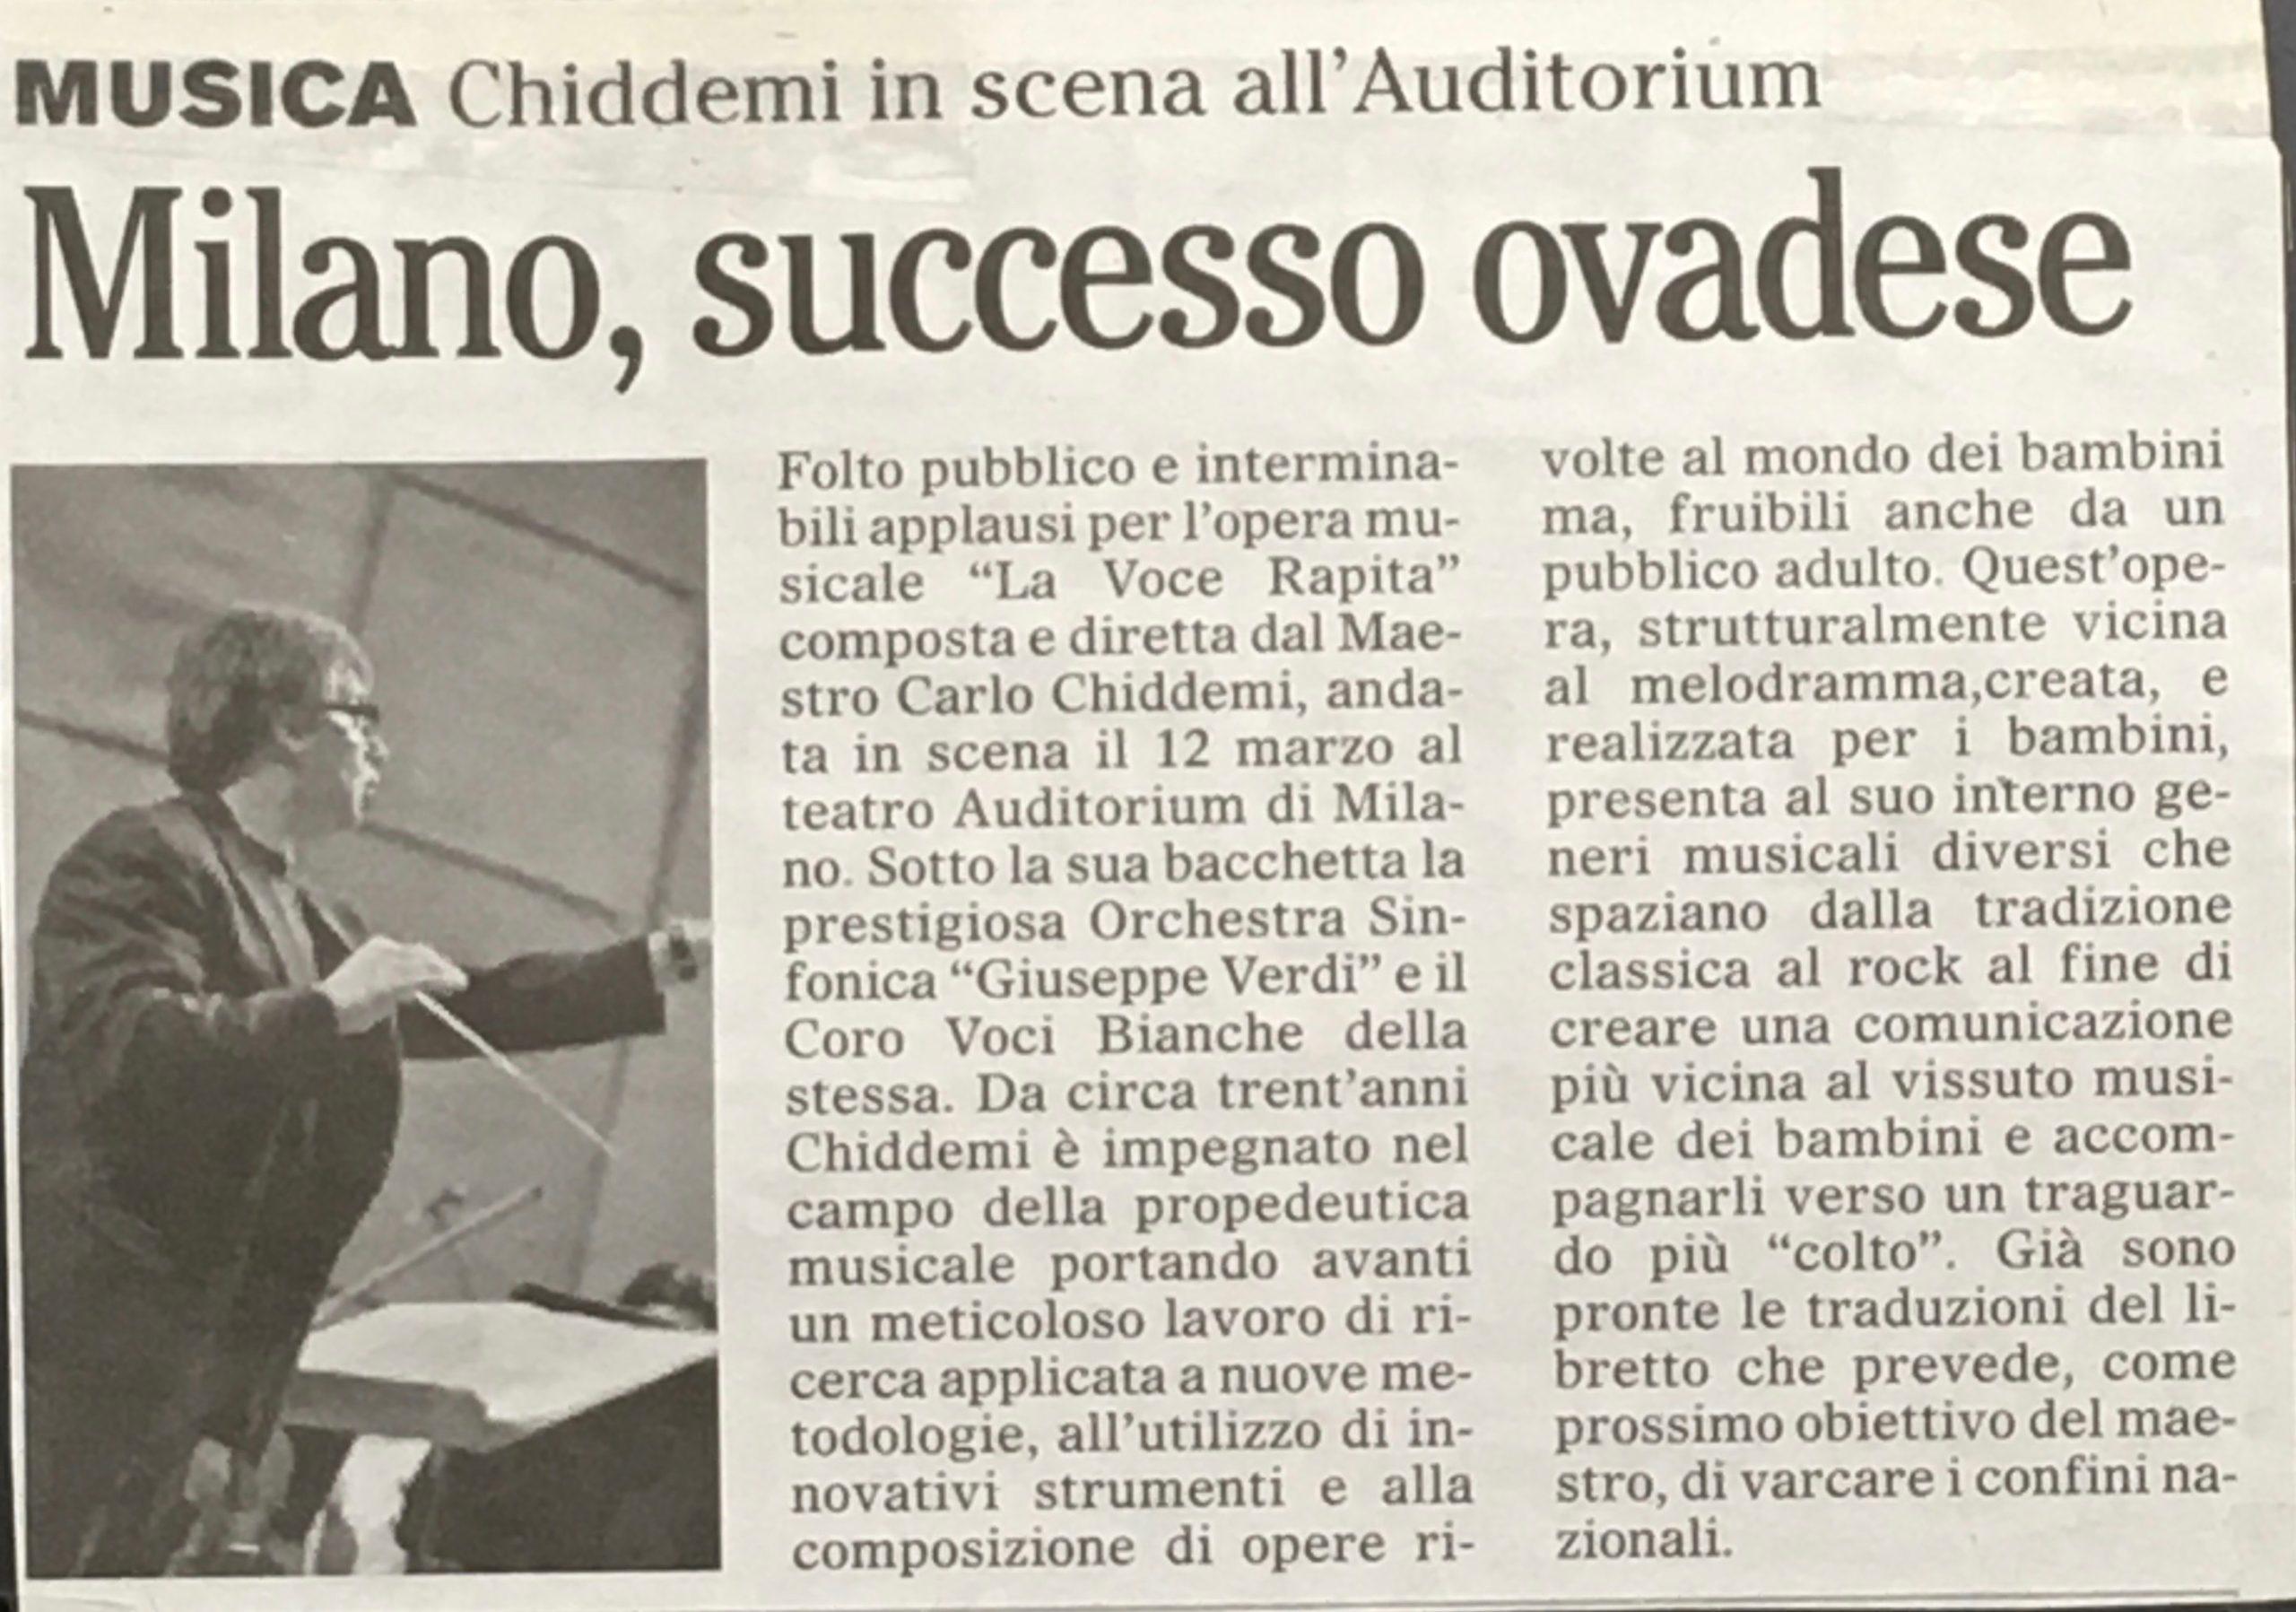 La voce Rapita - Auditorium Milano